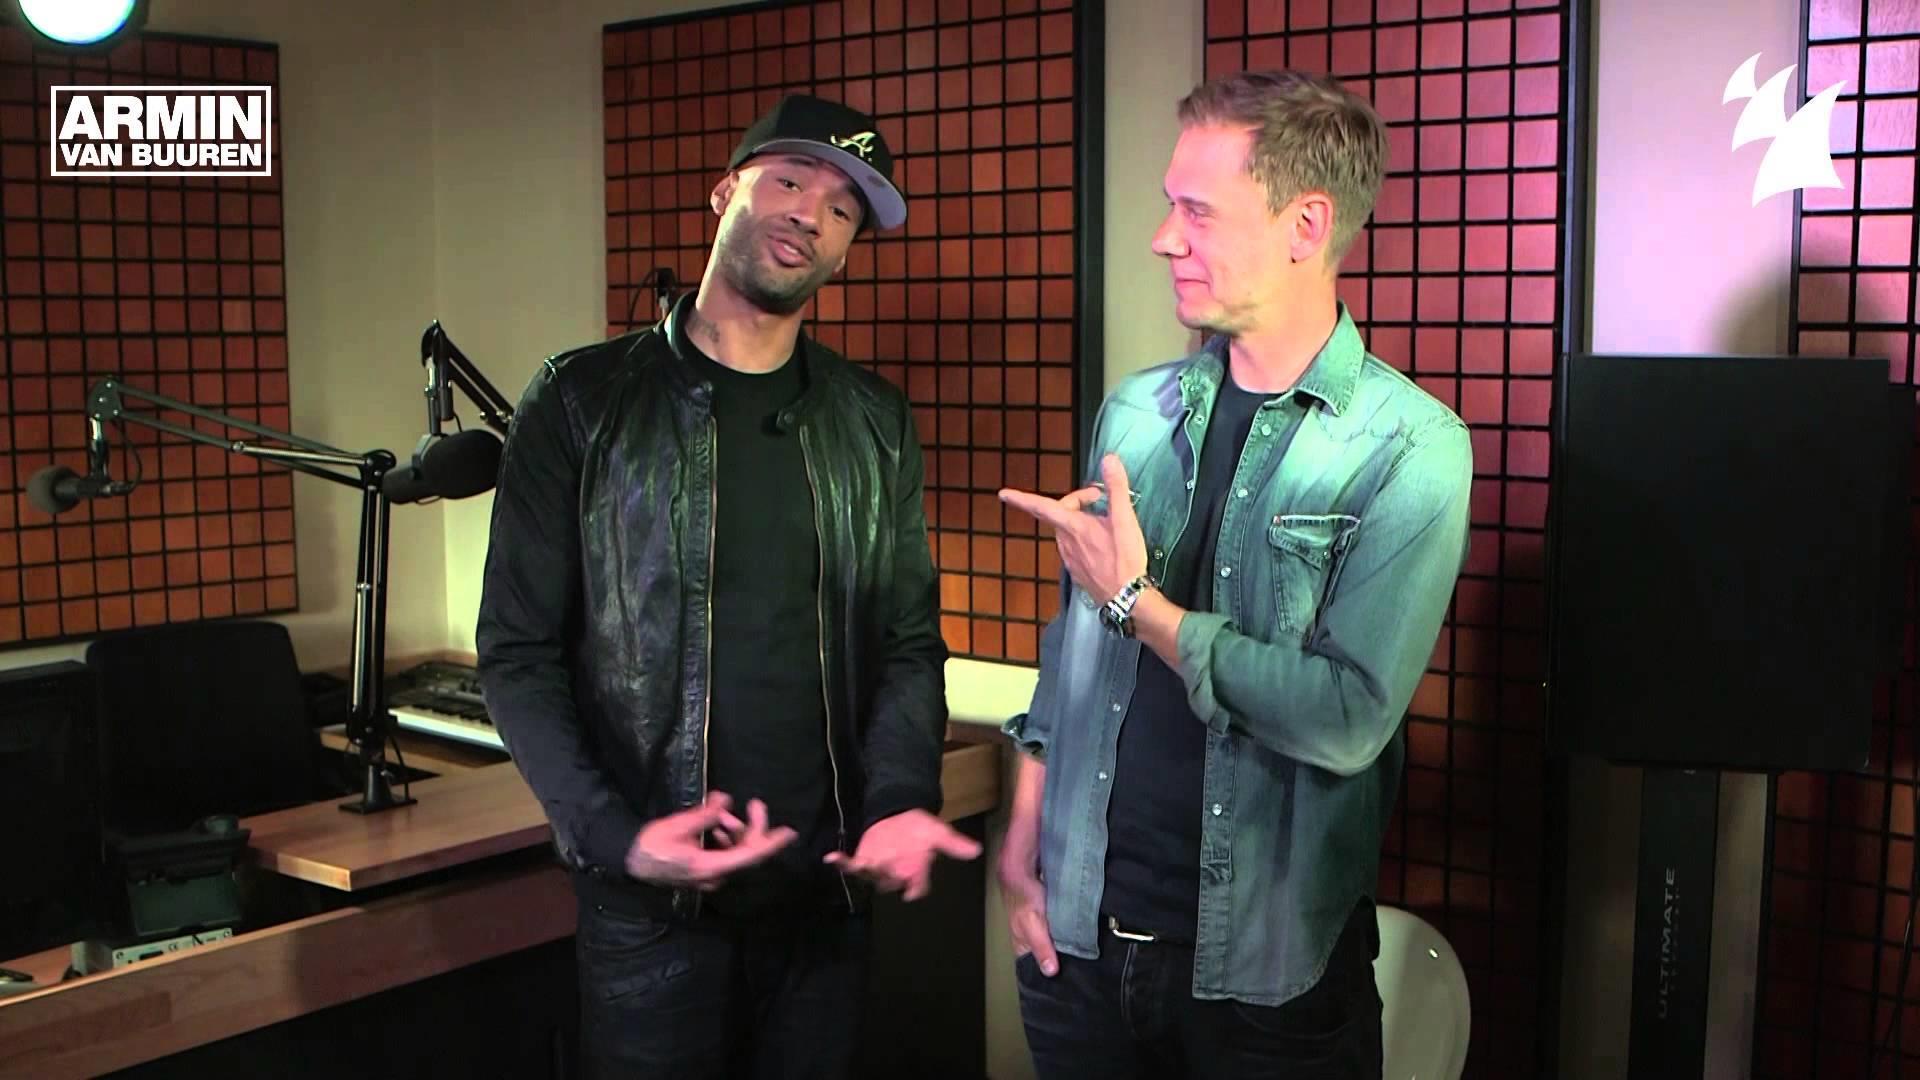 Armin Van Buuren & MR. Probz